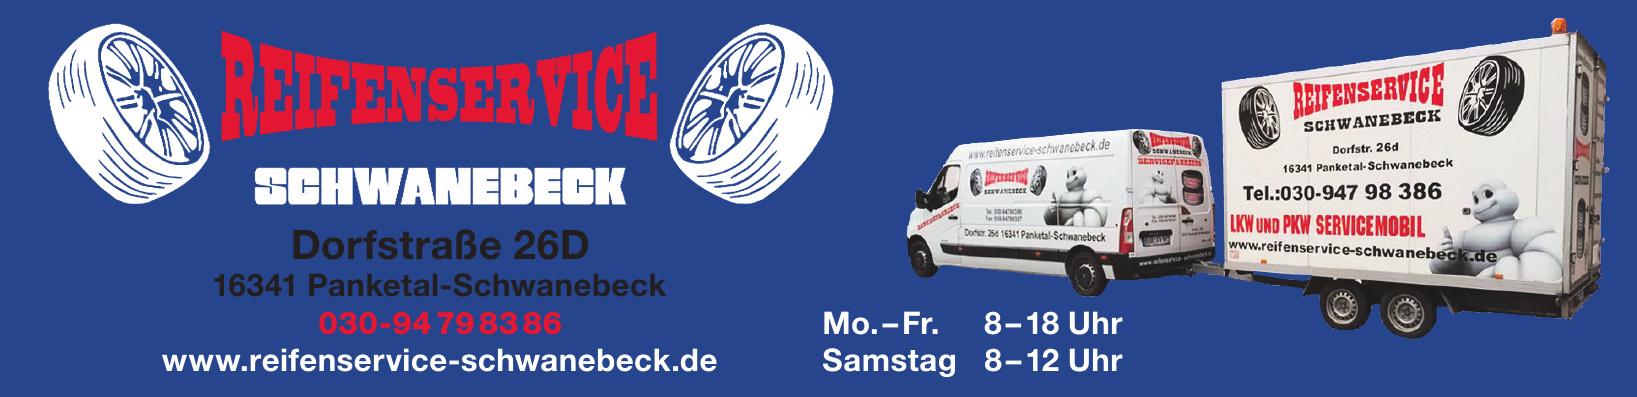 Reifenservice Schwanebeck